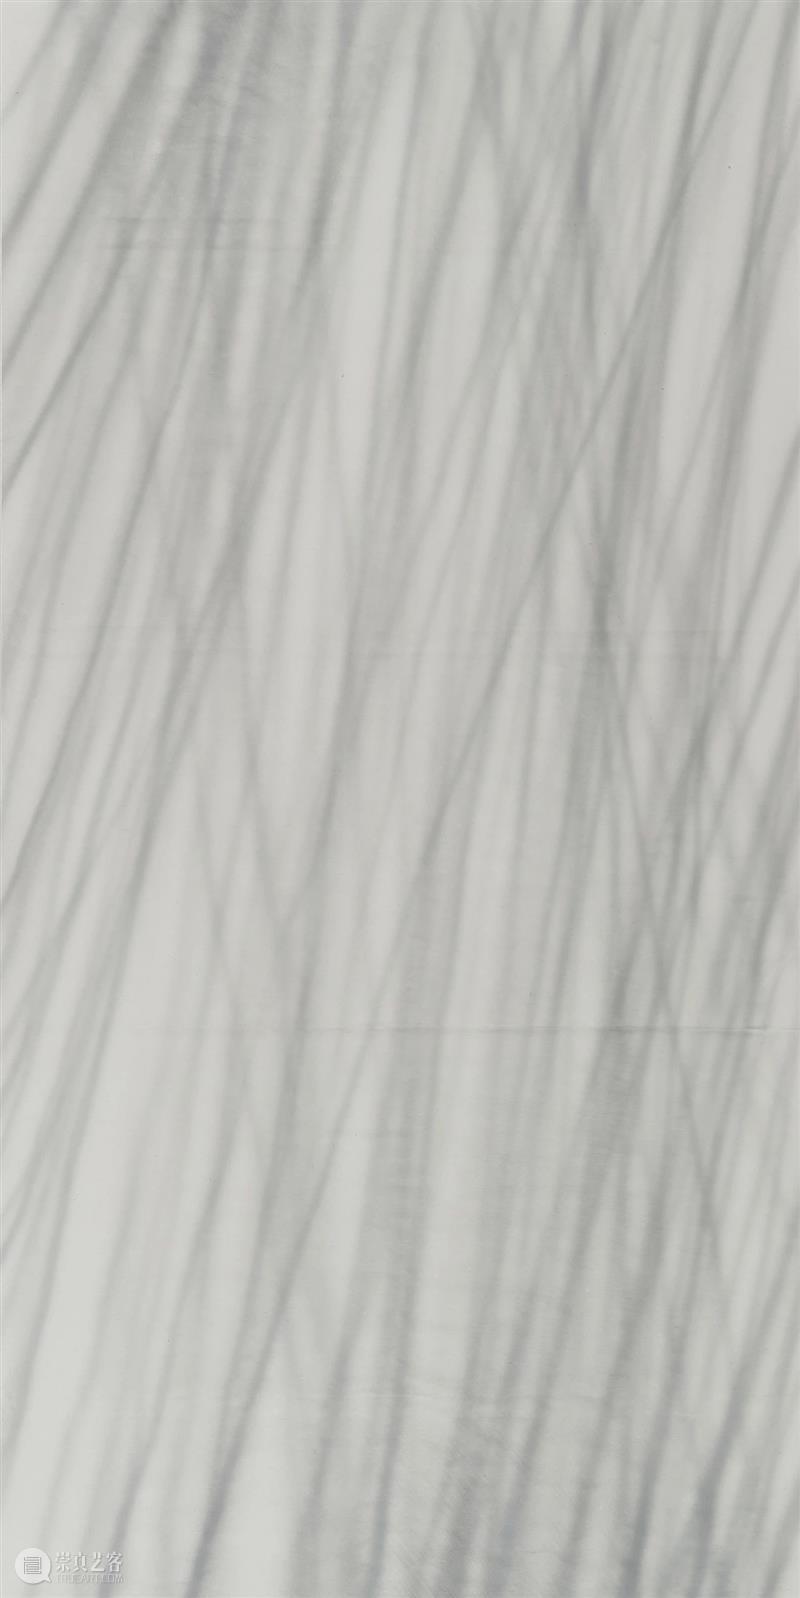 西安青年水墨展 | 参展作品及艺术家介绍(6)组:谭旭、王超、王远峰、汶振鑫、吴佩辰、吴宇轩 西安 青年 水墨展 艺术家 作品 王远峰 汶振鑫 吴佩辰 吴宇轩 谭旭 崇真艺客